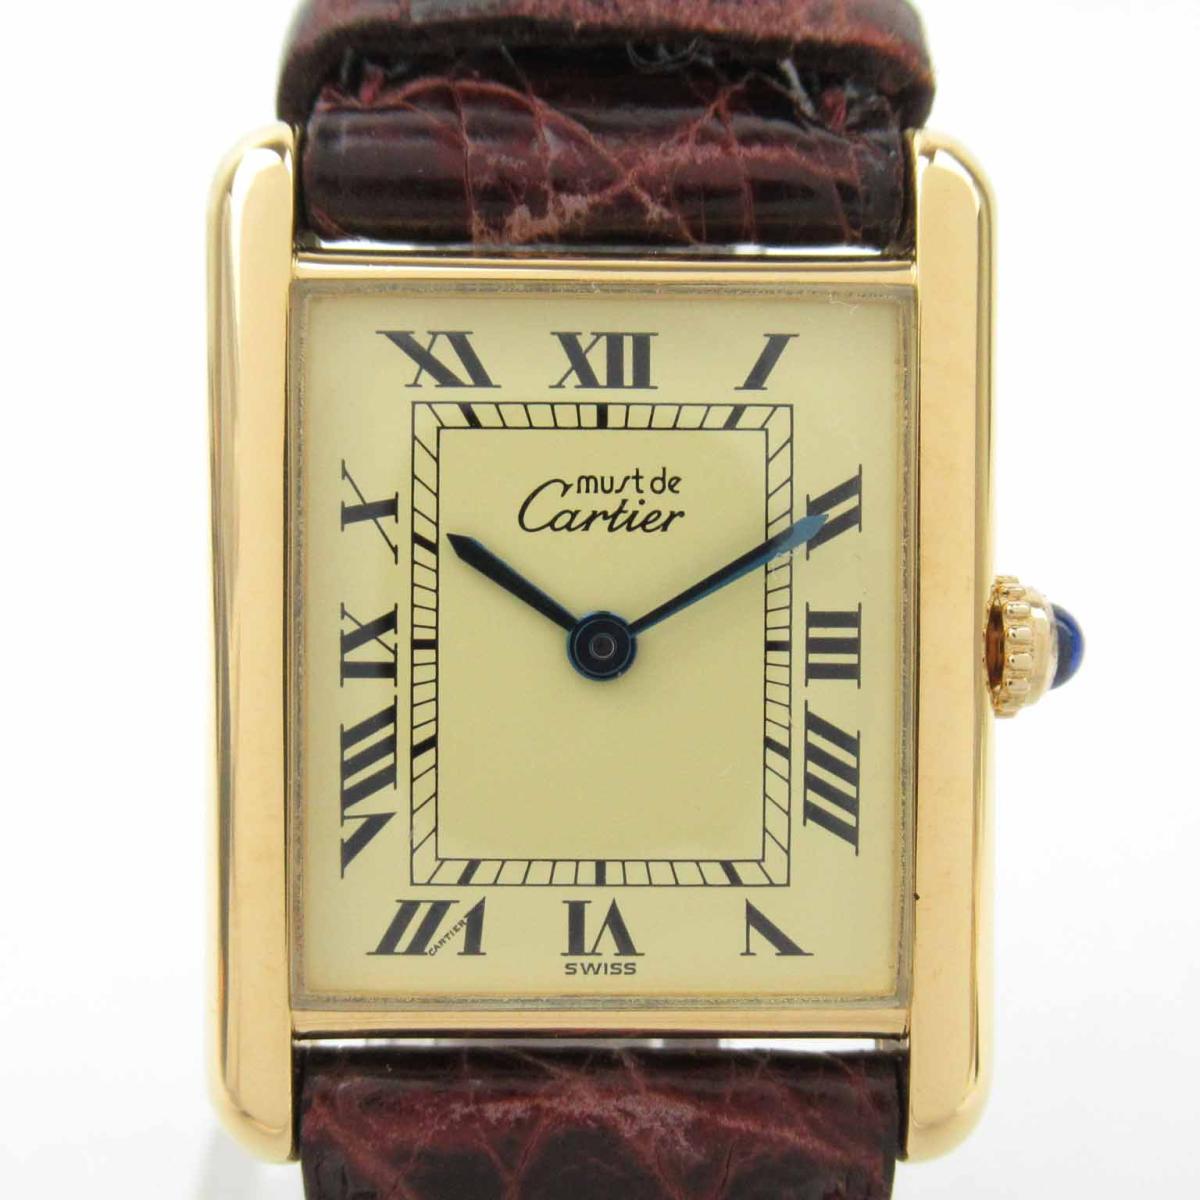 ≪期間限定≫メルマガ登録でクーポンGET! 【中古】 カルティエ マストタンク ヴェルメイユ ウォッチ 腕時計 レディース SV レザーベルト | Cartier BRANDOFF ブランドオフ ブランド ブランド時計 ブランド腕時計 時計